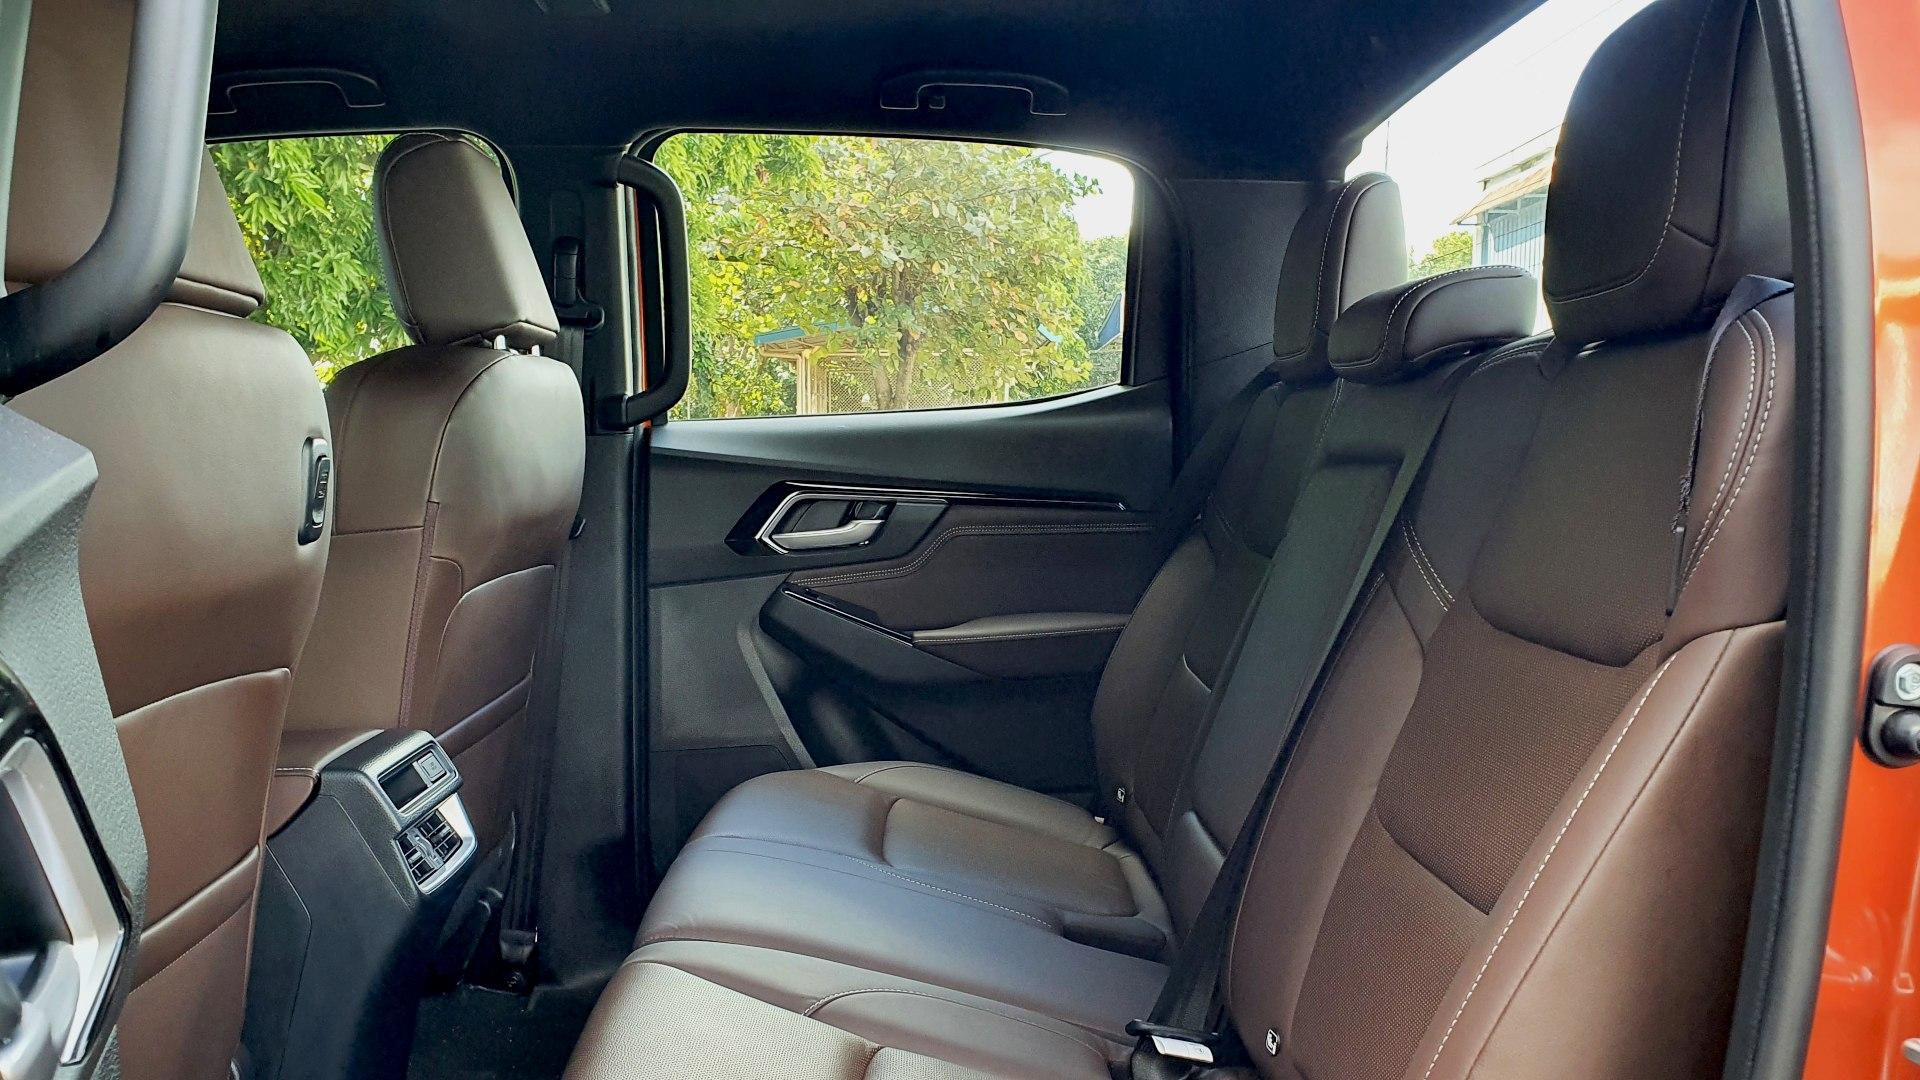 The 2021 Isuzu D-Max rear passenger seats